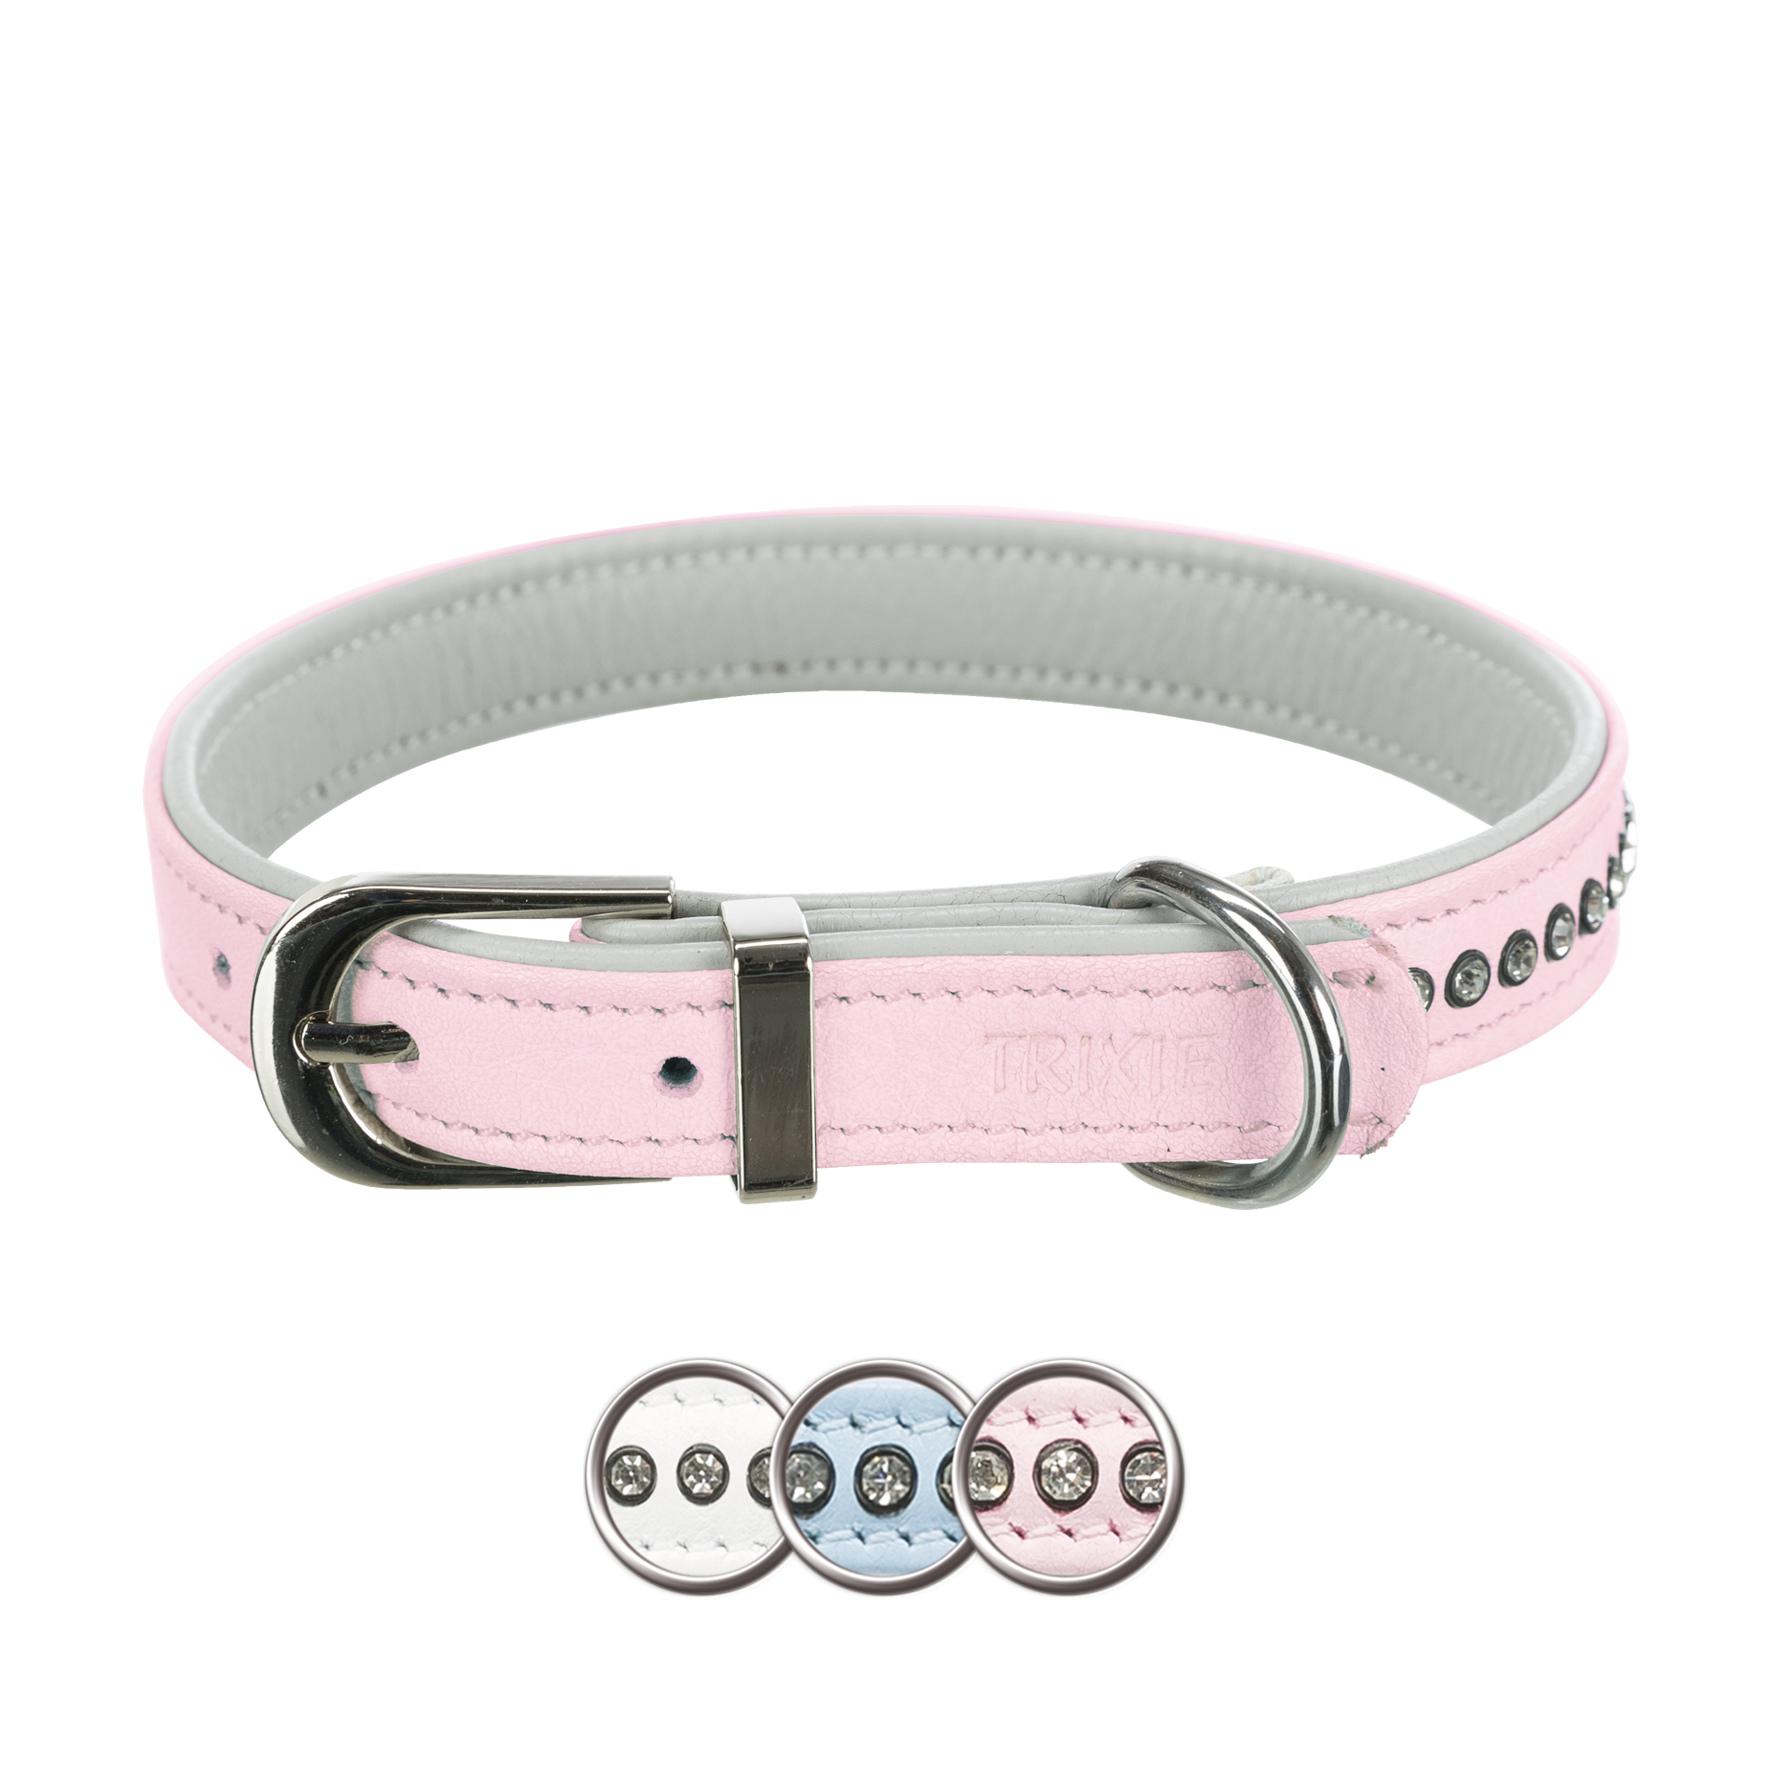 TRIXIE Active Comfort Halsband mit Strass, Leder TRIXIE Active Comfort Halsband mit Strass, Leder, XS–S: 20–24 cm/12 mm, hellblau